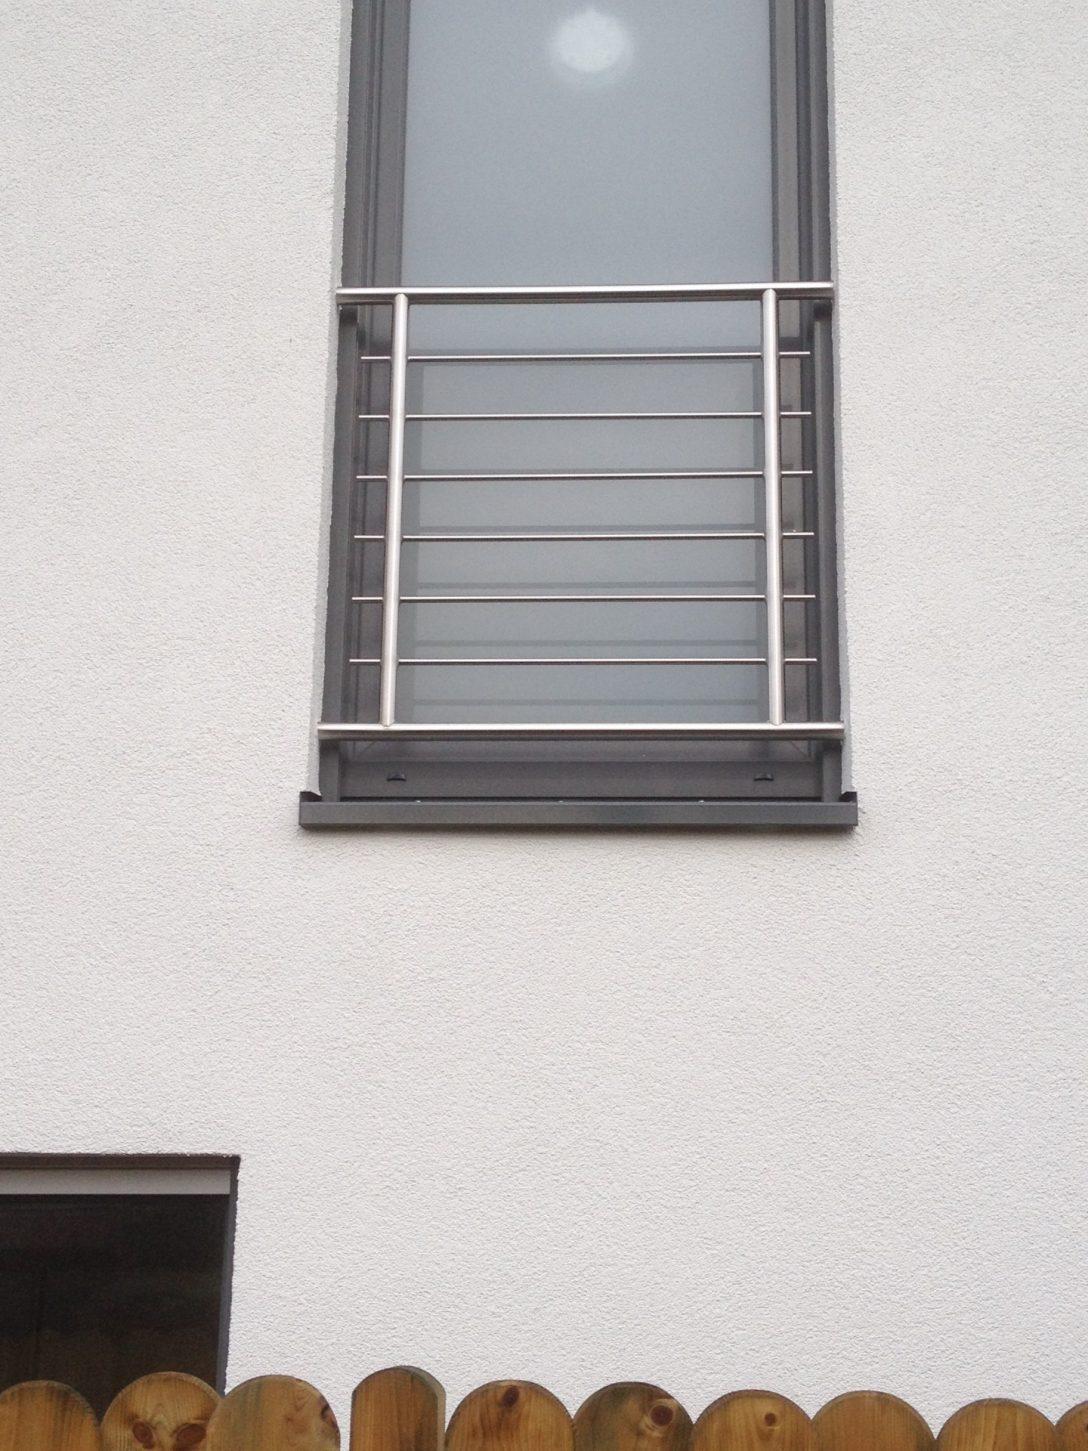 Large Size of Absturzsicherung Fenster Fenstergitter Teleskopstange Jemako Einbruchsicherung Tauschen Mit Sprossen Dreh Kipp 120x120 Sichtschutz Einbauen Polnische Fenster Absturzsicherung Fenster